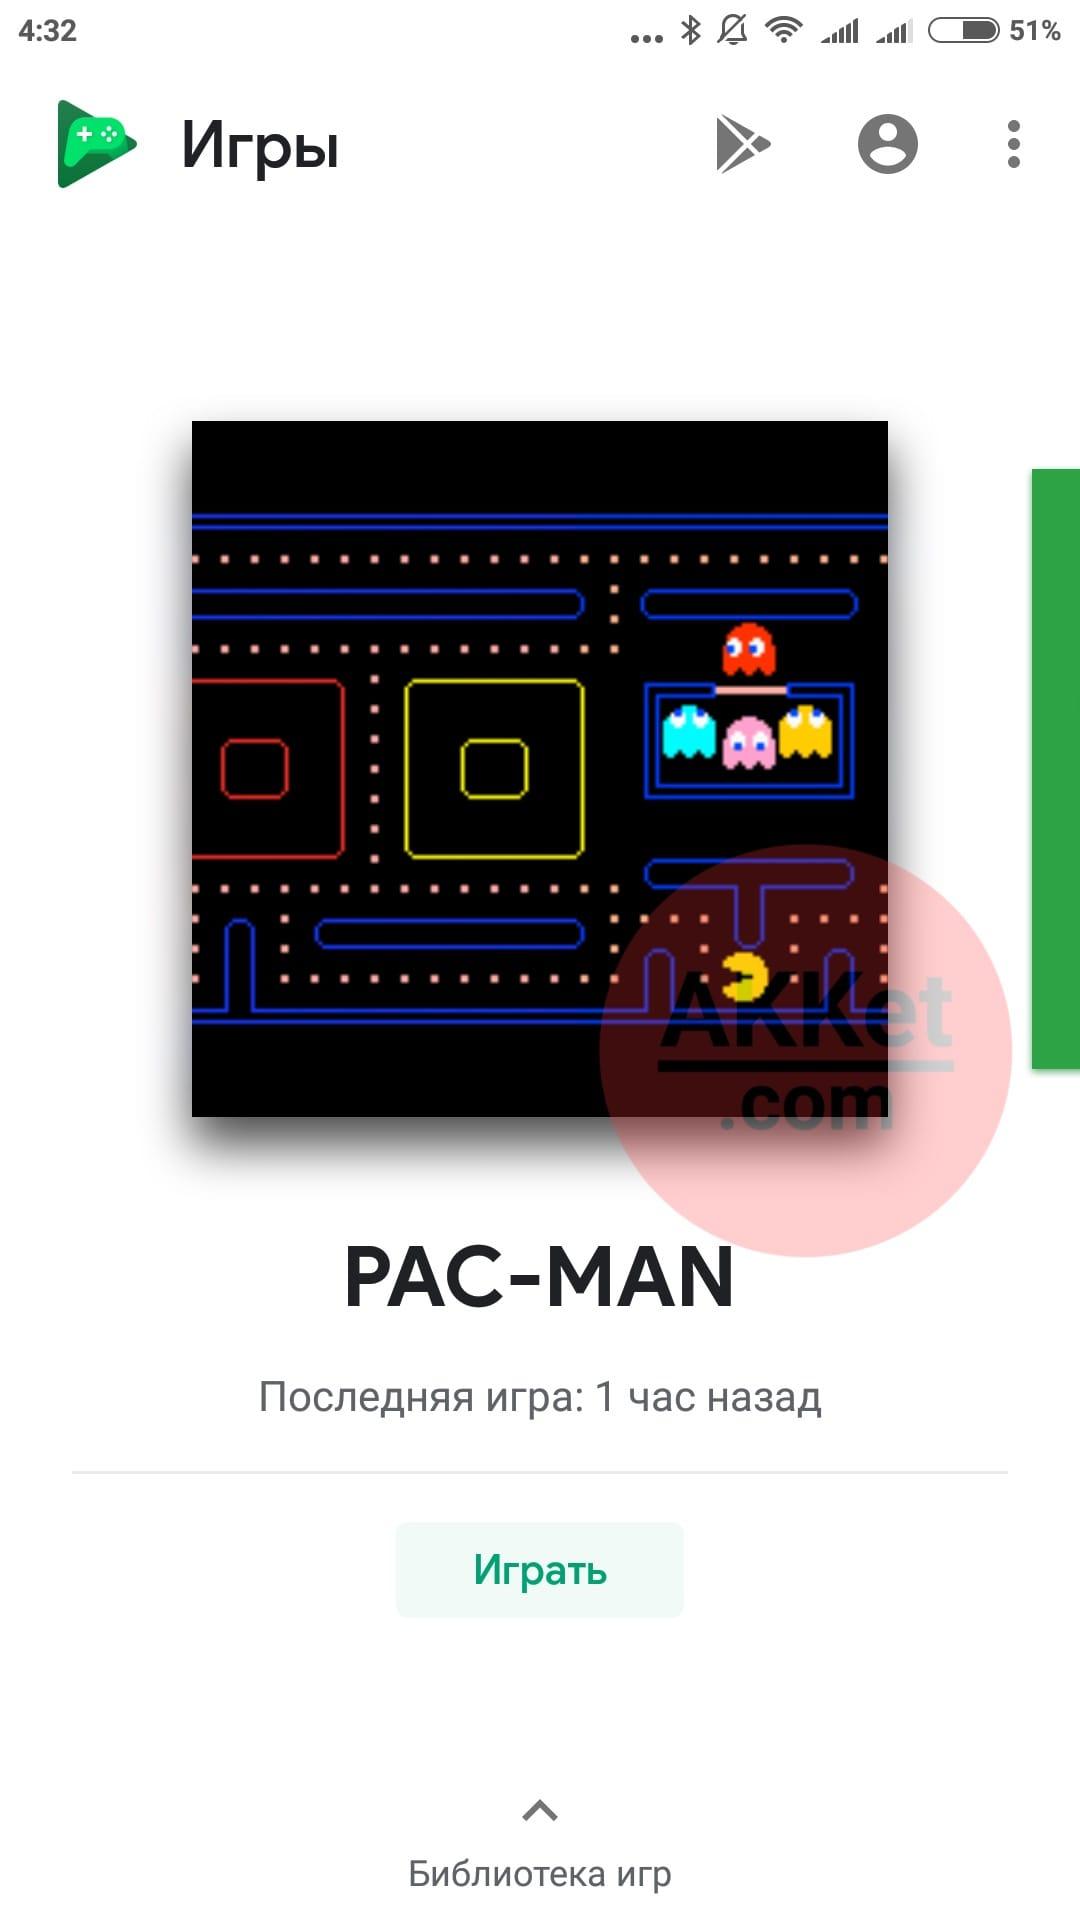 Скрытые предметы игры ... - apkgk.com